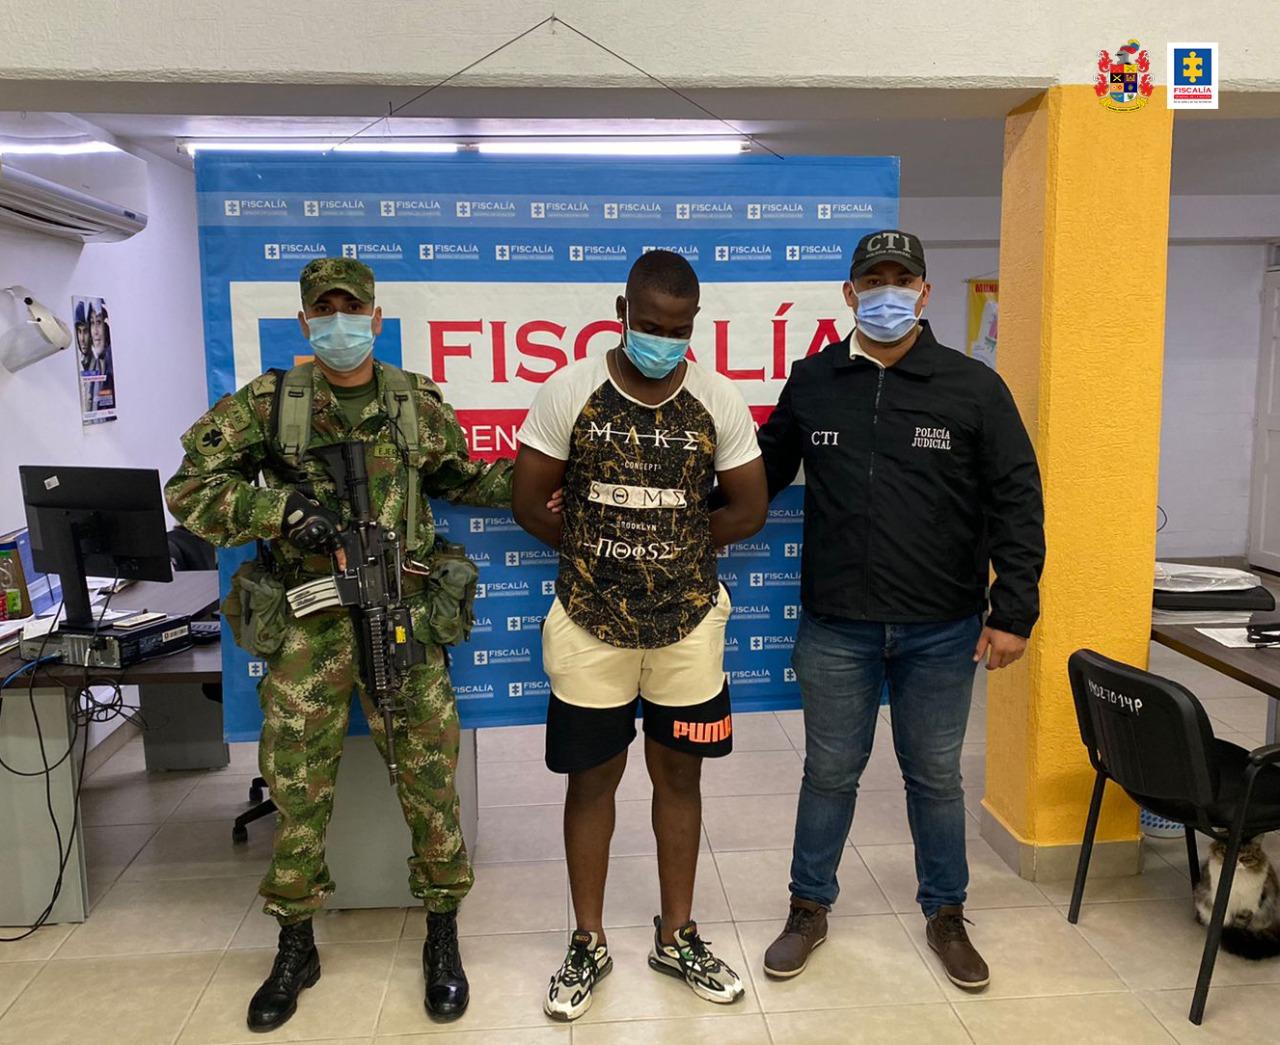 Capturado en Puerto Tejada (Cauca) un hombre para cumpla una condena en su contra - Noticias de Colombia